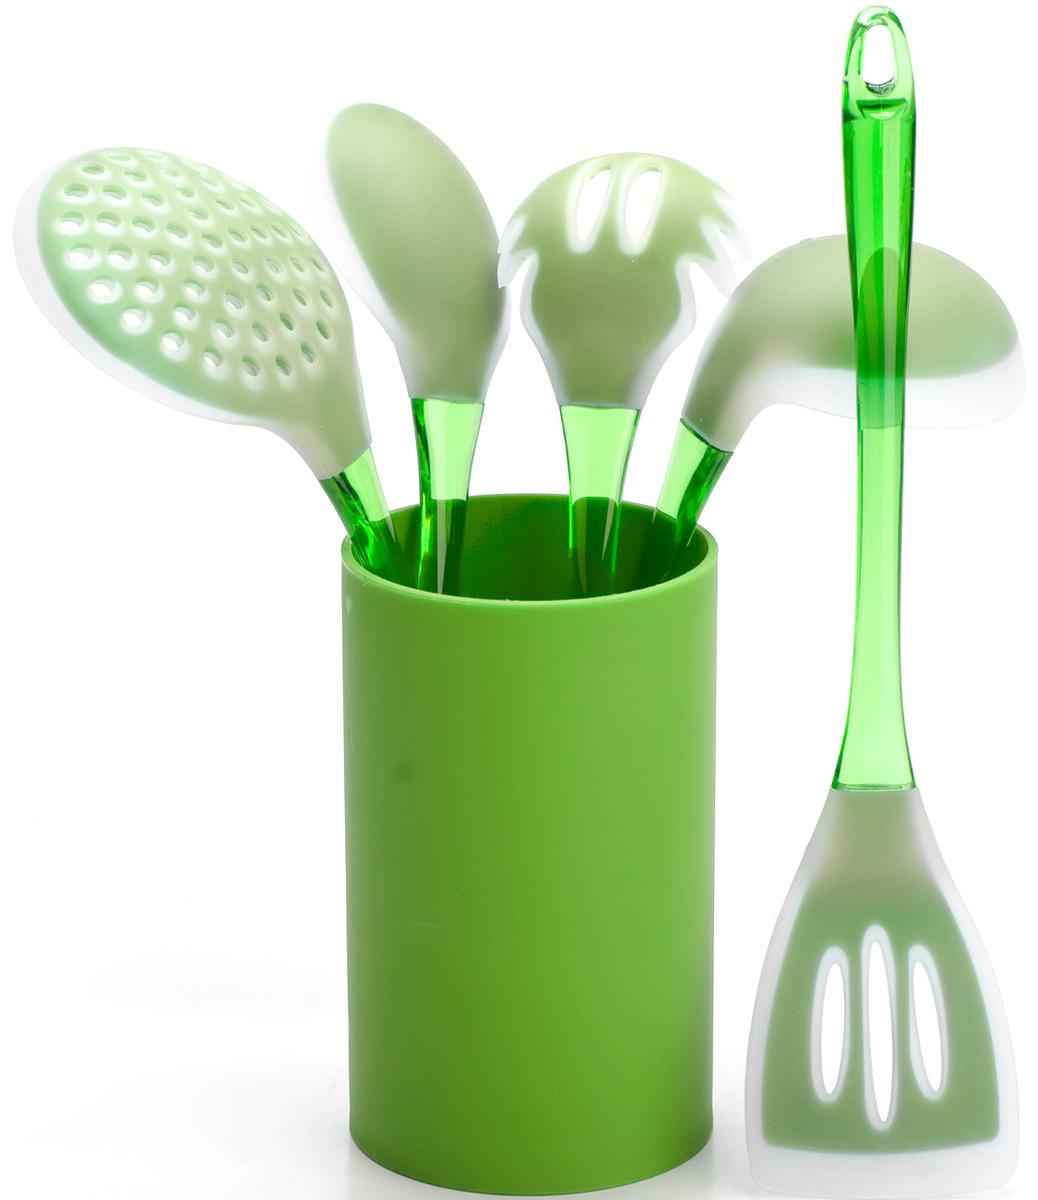 Набор половников Mayer & Boch, цвет: салатовый. 22487-122487-1Набор кухонных принадлежностей Mayer & Boch включает в себя ложку для спагетти, лопатку с прорезями, ложку для помешивания, шумовку, половник и подставку. Приборы изготовлены из цветного полистирола и силикона, отличаются высокой износоустойчивостью и надежностью, не окисляются со временем и не портят вкус продуктов, кроме того, они абсолютно безопасны для любых антипригарных покрытий. Входящая в набор удобная высокая подставка для хранения предметов набора поможет сэкономить место на рабочем столе. Набор упакован в красивую прозрачную упаковку с ручкой.